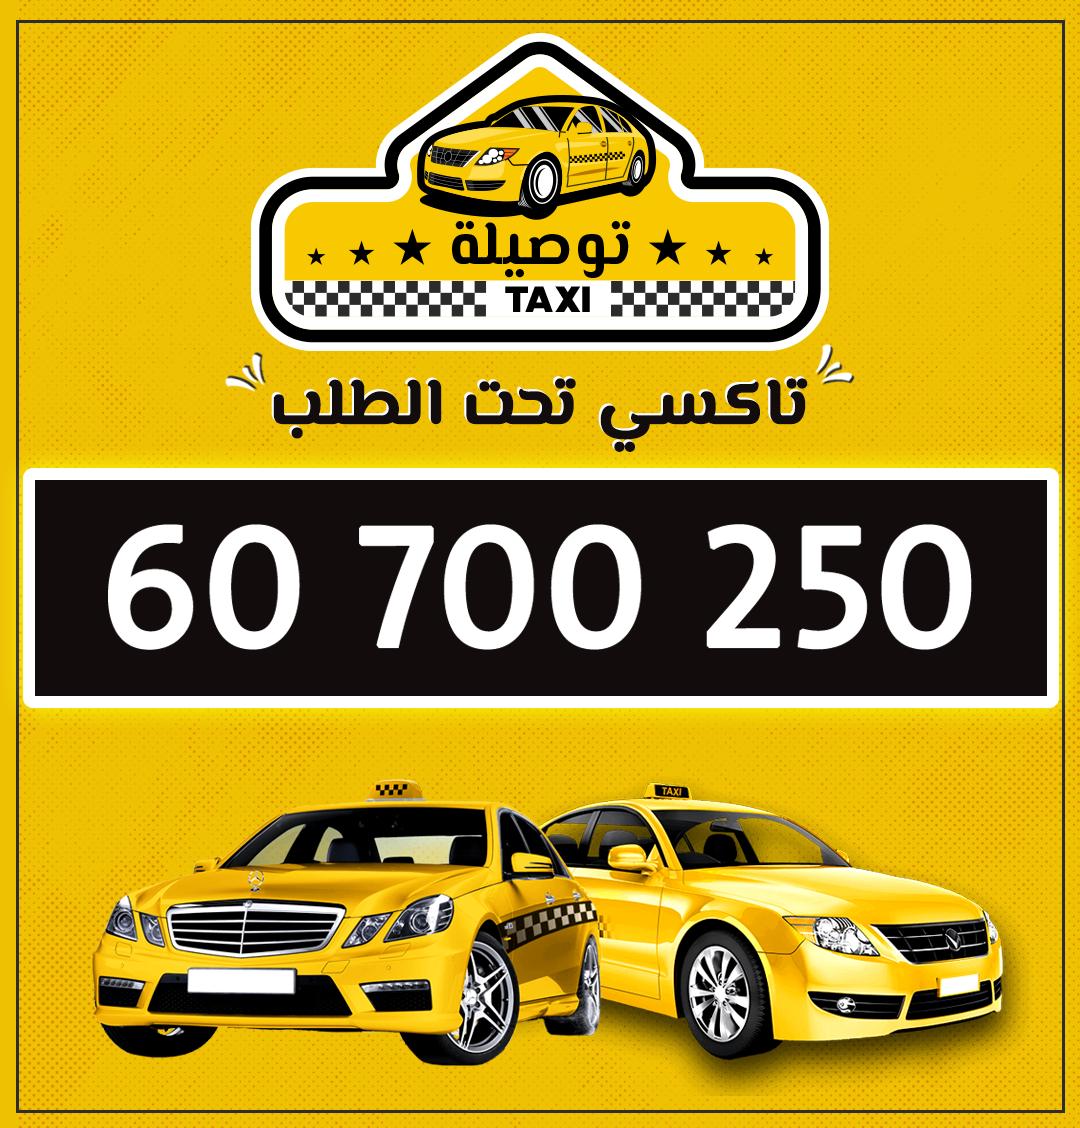 تاكسي توصيلة في شارع سراقة بن مالك